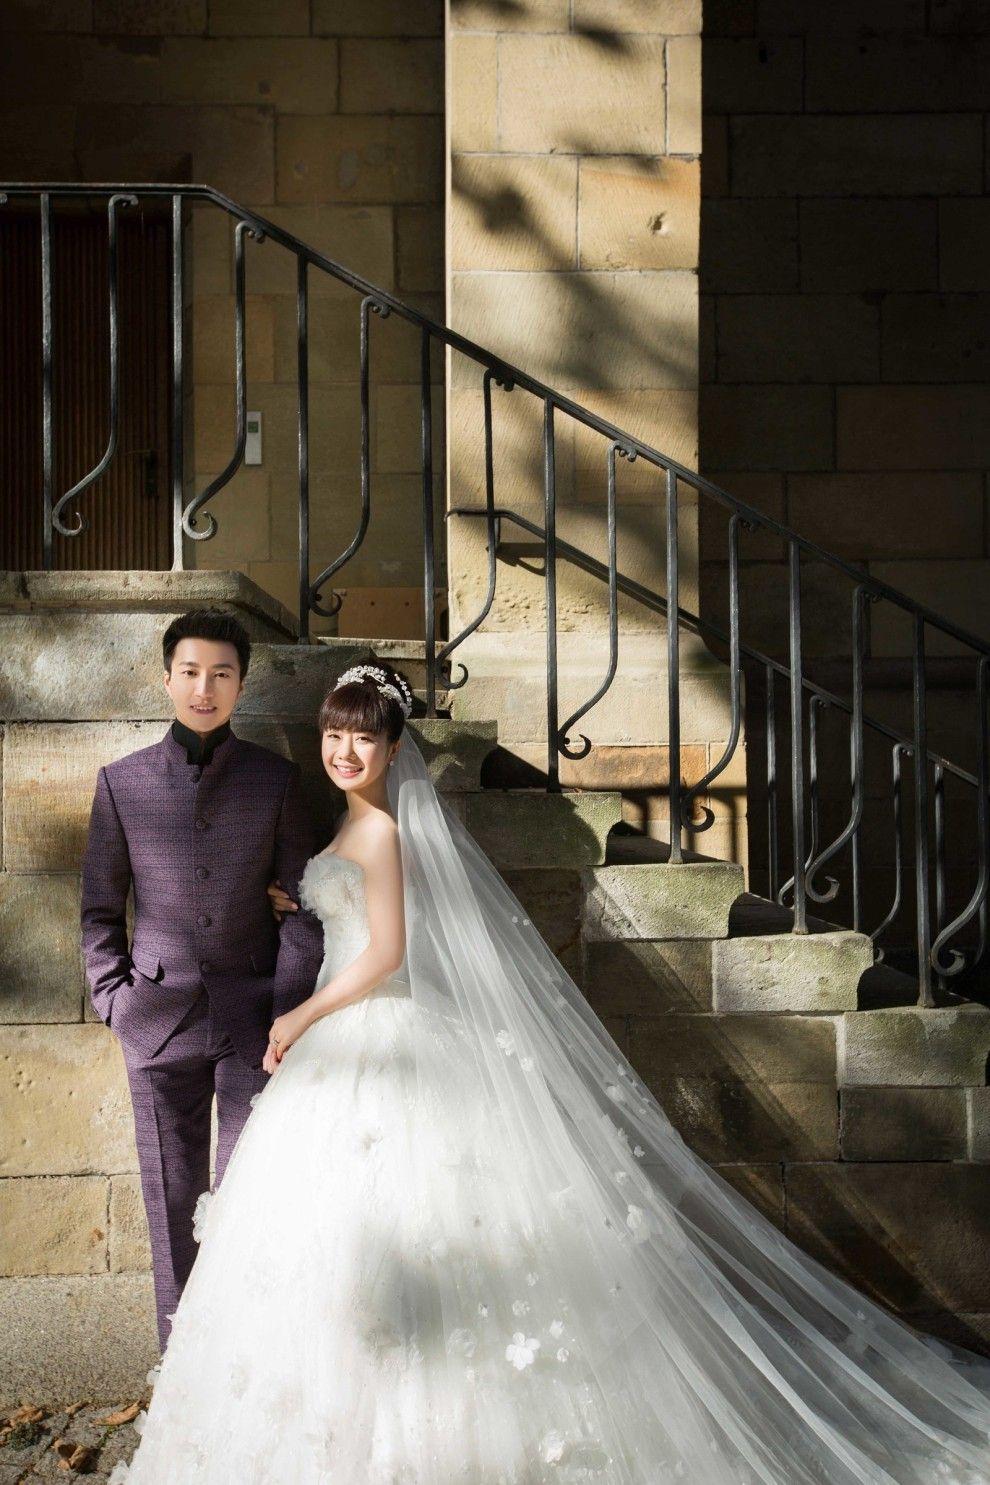 写真 福原愛のウェディングドレス姿が天使すぎる 幸せが伝わる5枚の写真 結婚式 ドレス 写真 ウェディング 結婚式 芸能人